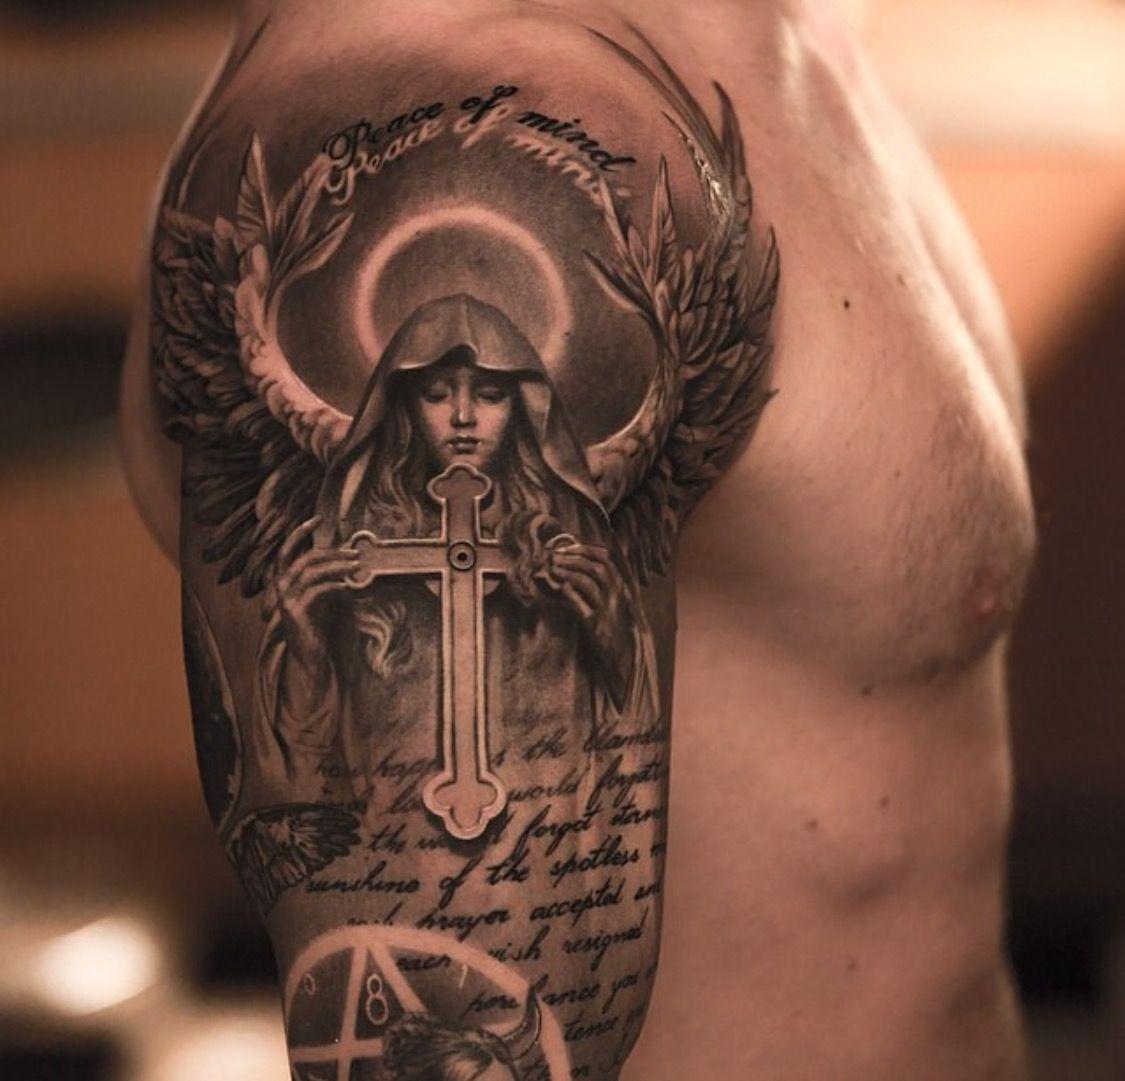 Pin By Antonio On Tattoos Pinterest Tatouage Tatouage Bras And